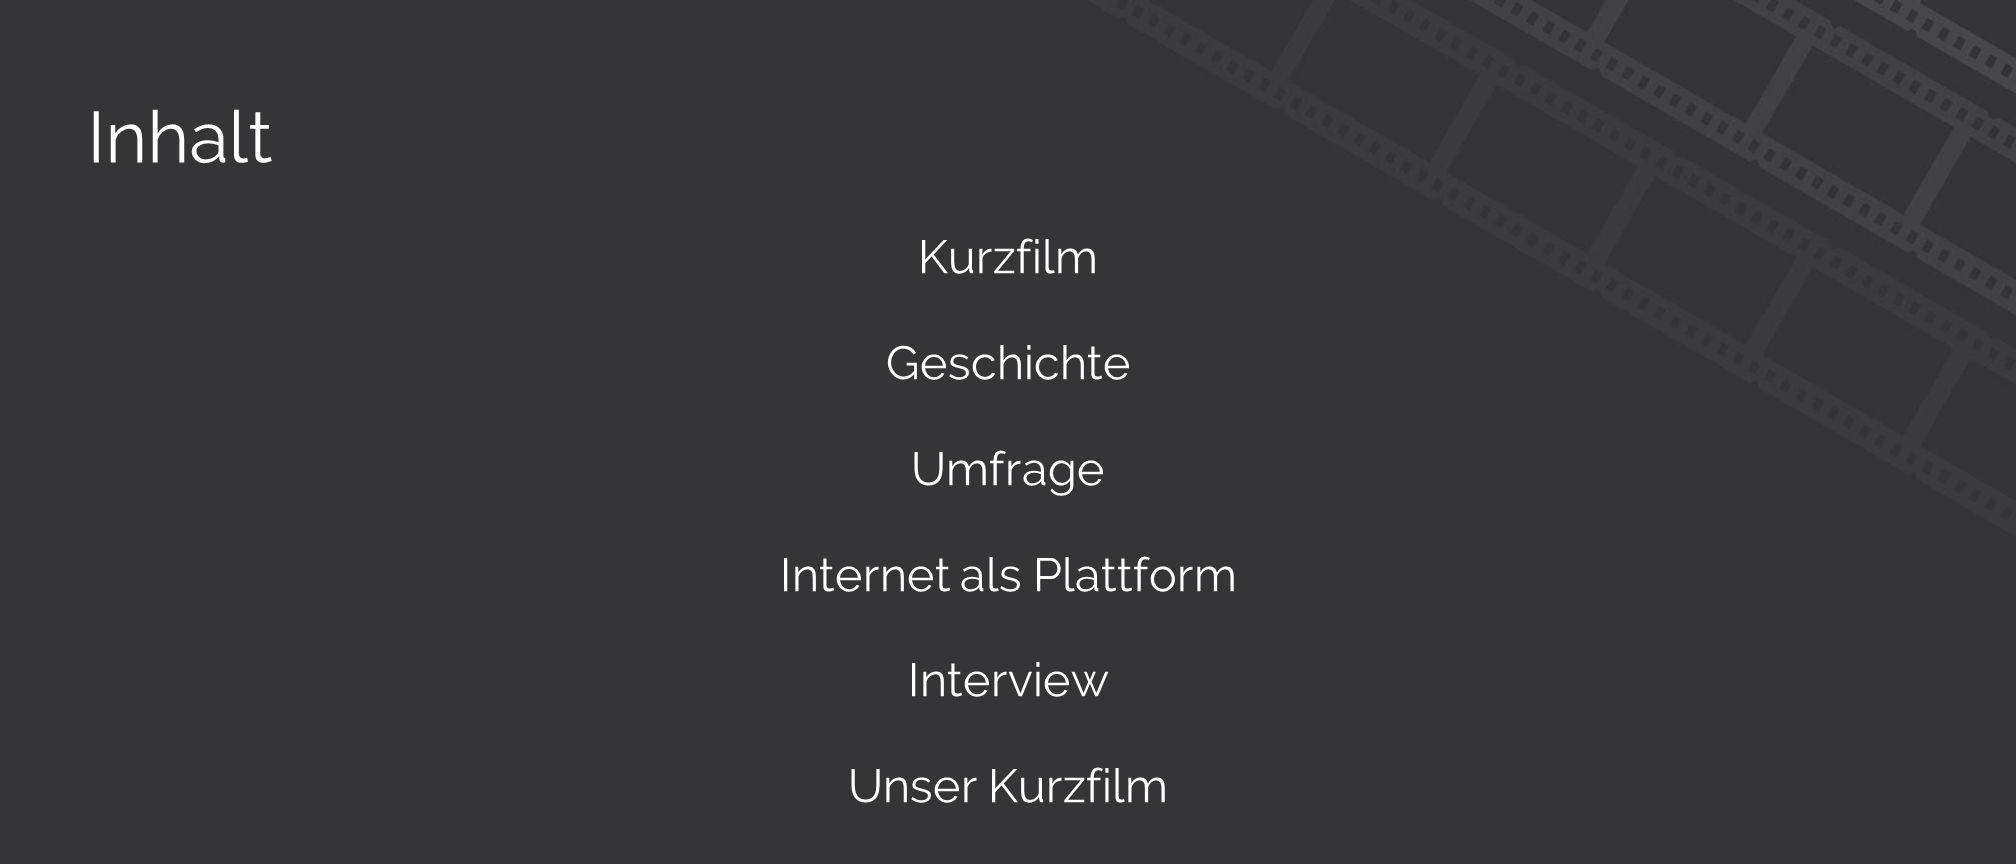 Inhalt Kurzfilm Geschichte Umfrage Internet als Plattform Interview Unser Kurzfilm